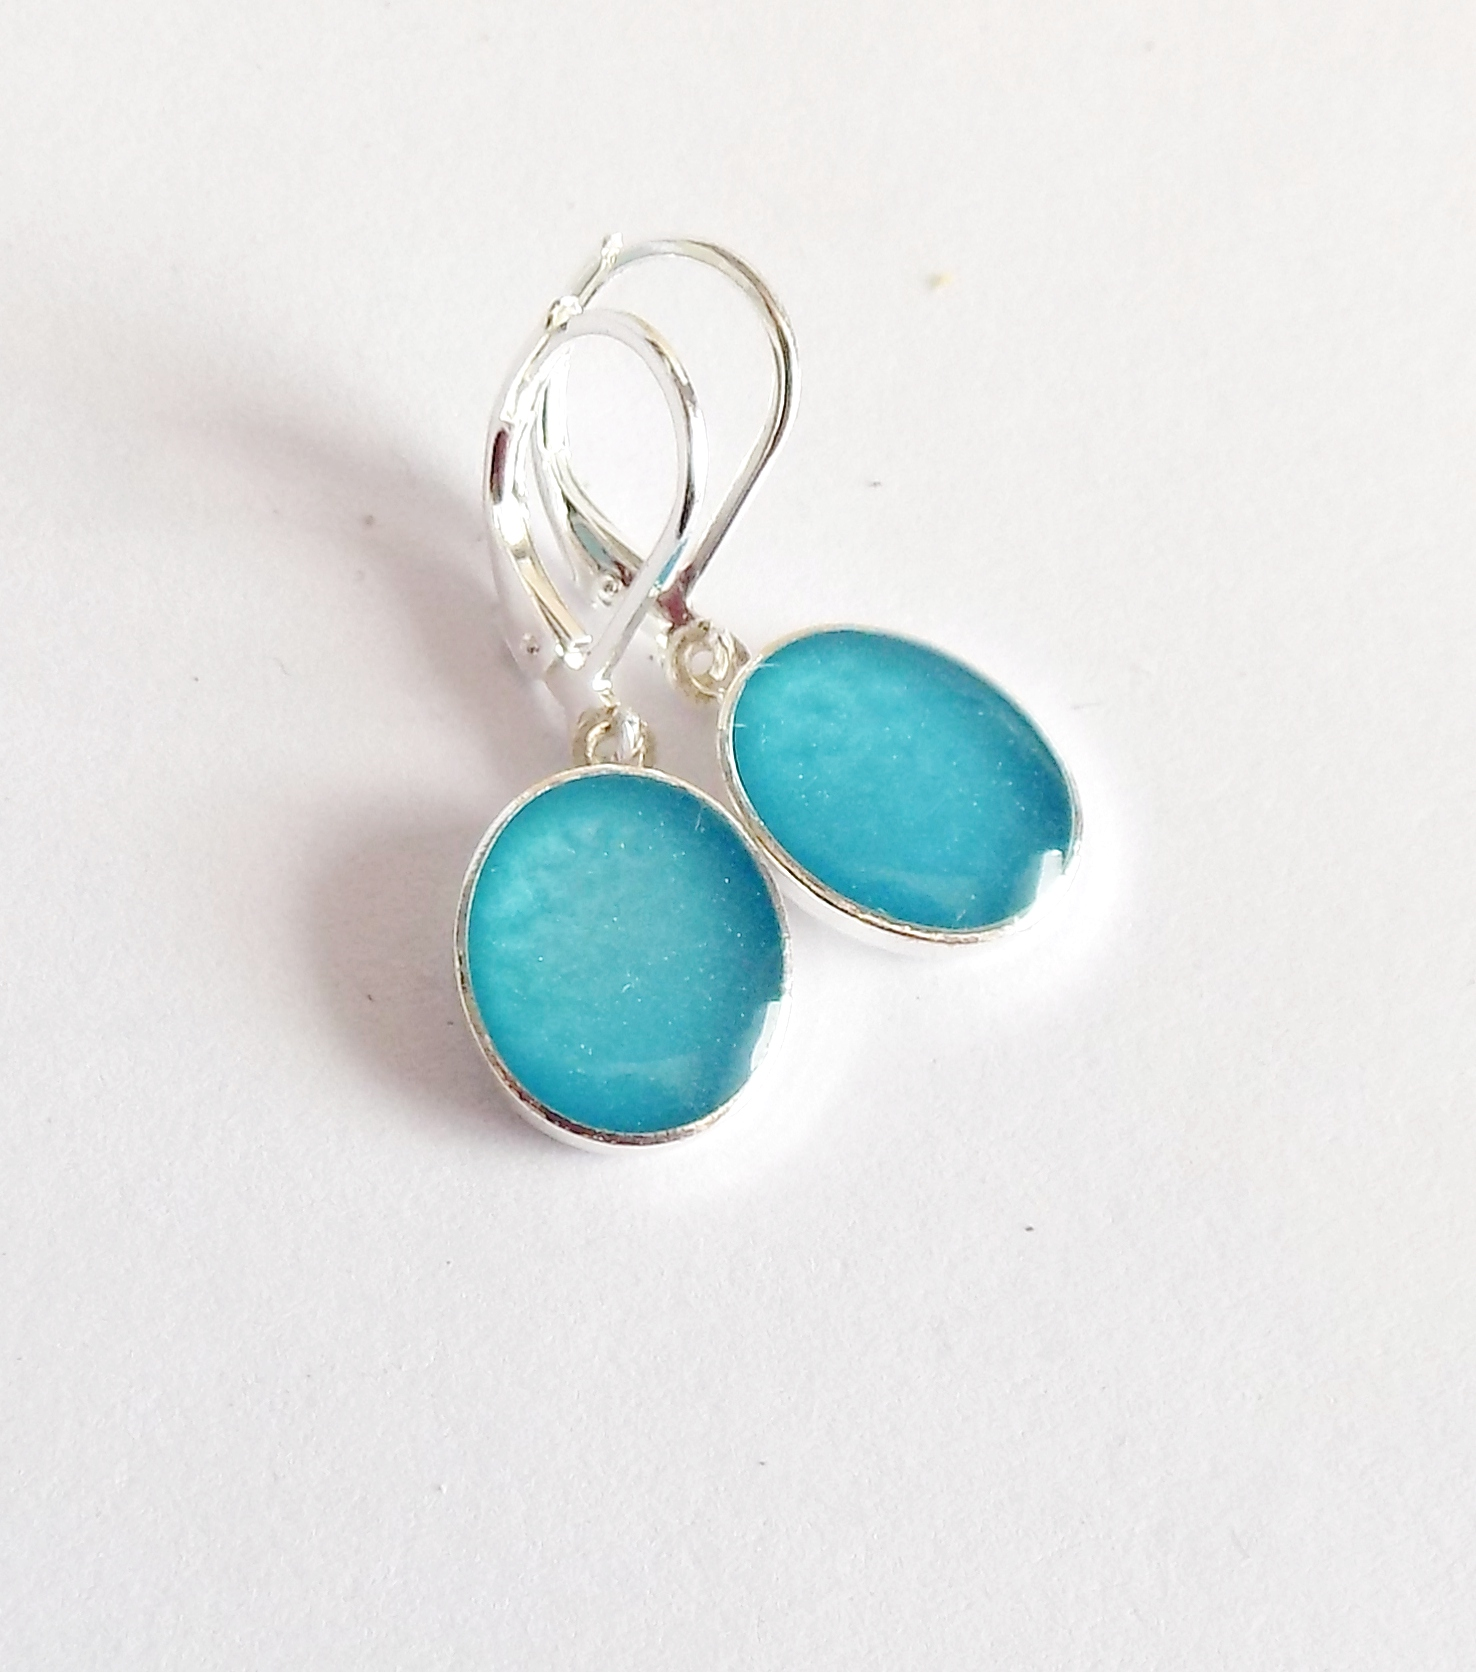 Světlé modré perleťové naušnice   Zboží prodejce 1ája123  bd923d58e9e